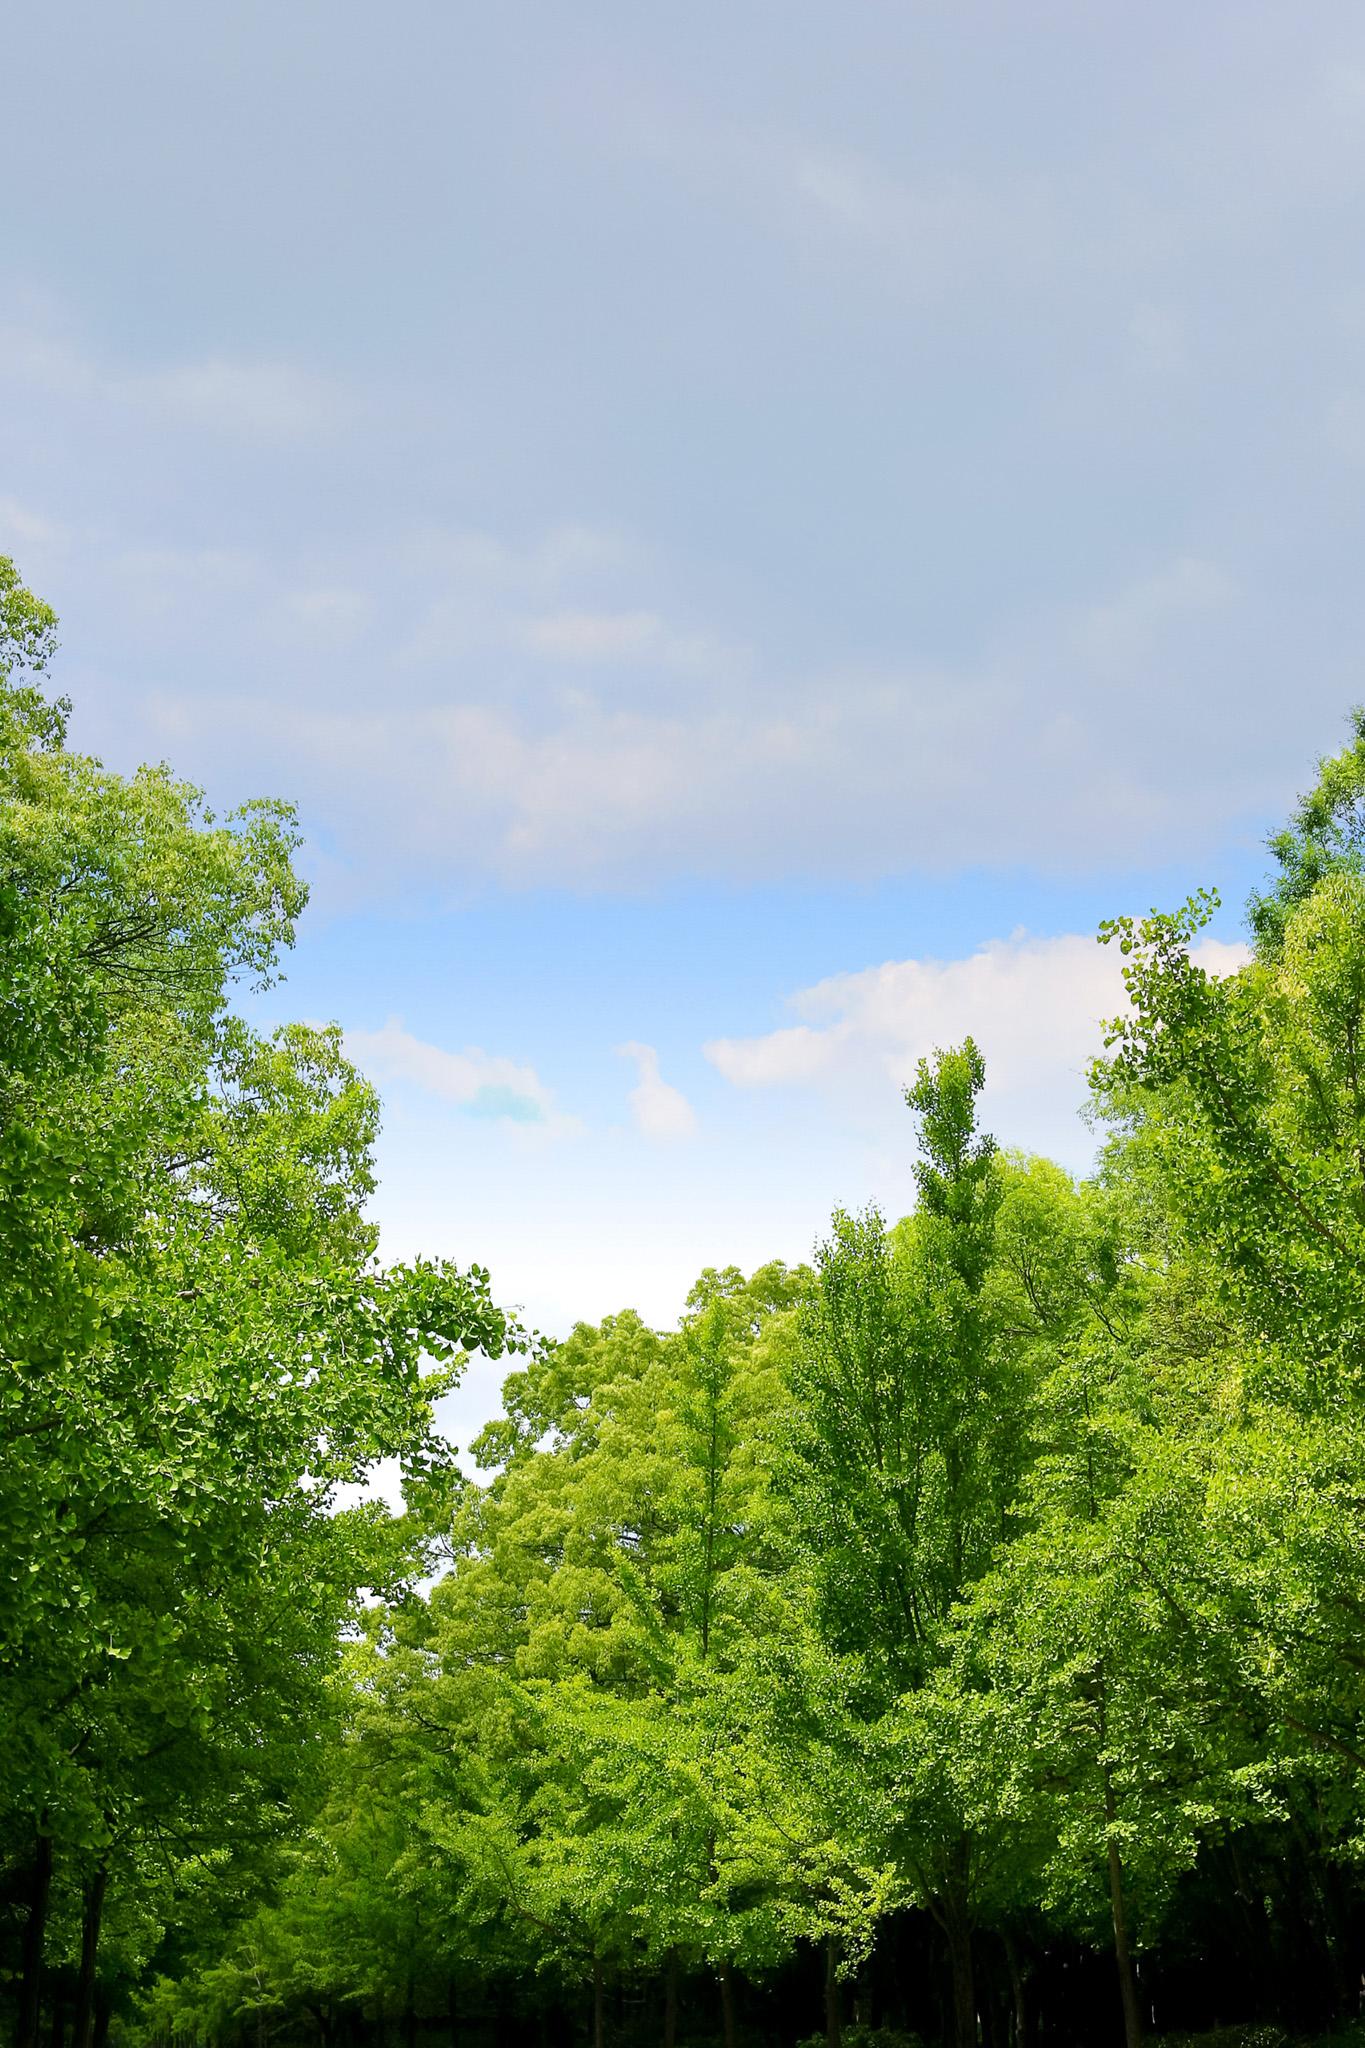 「四季の樹木」の素材を無料ダウンロード